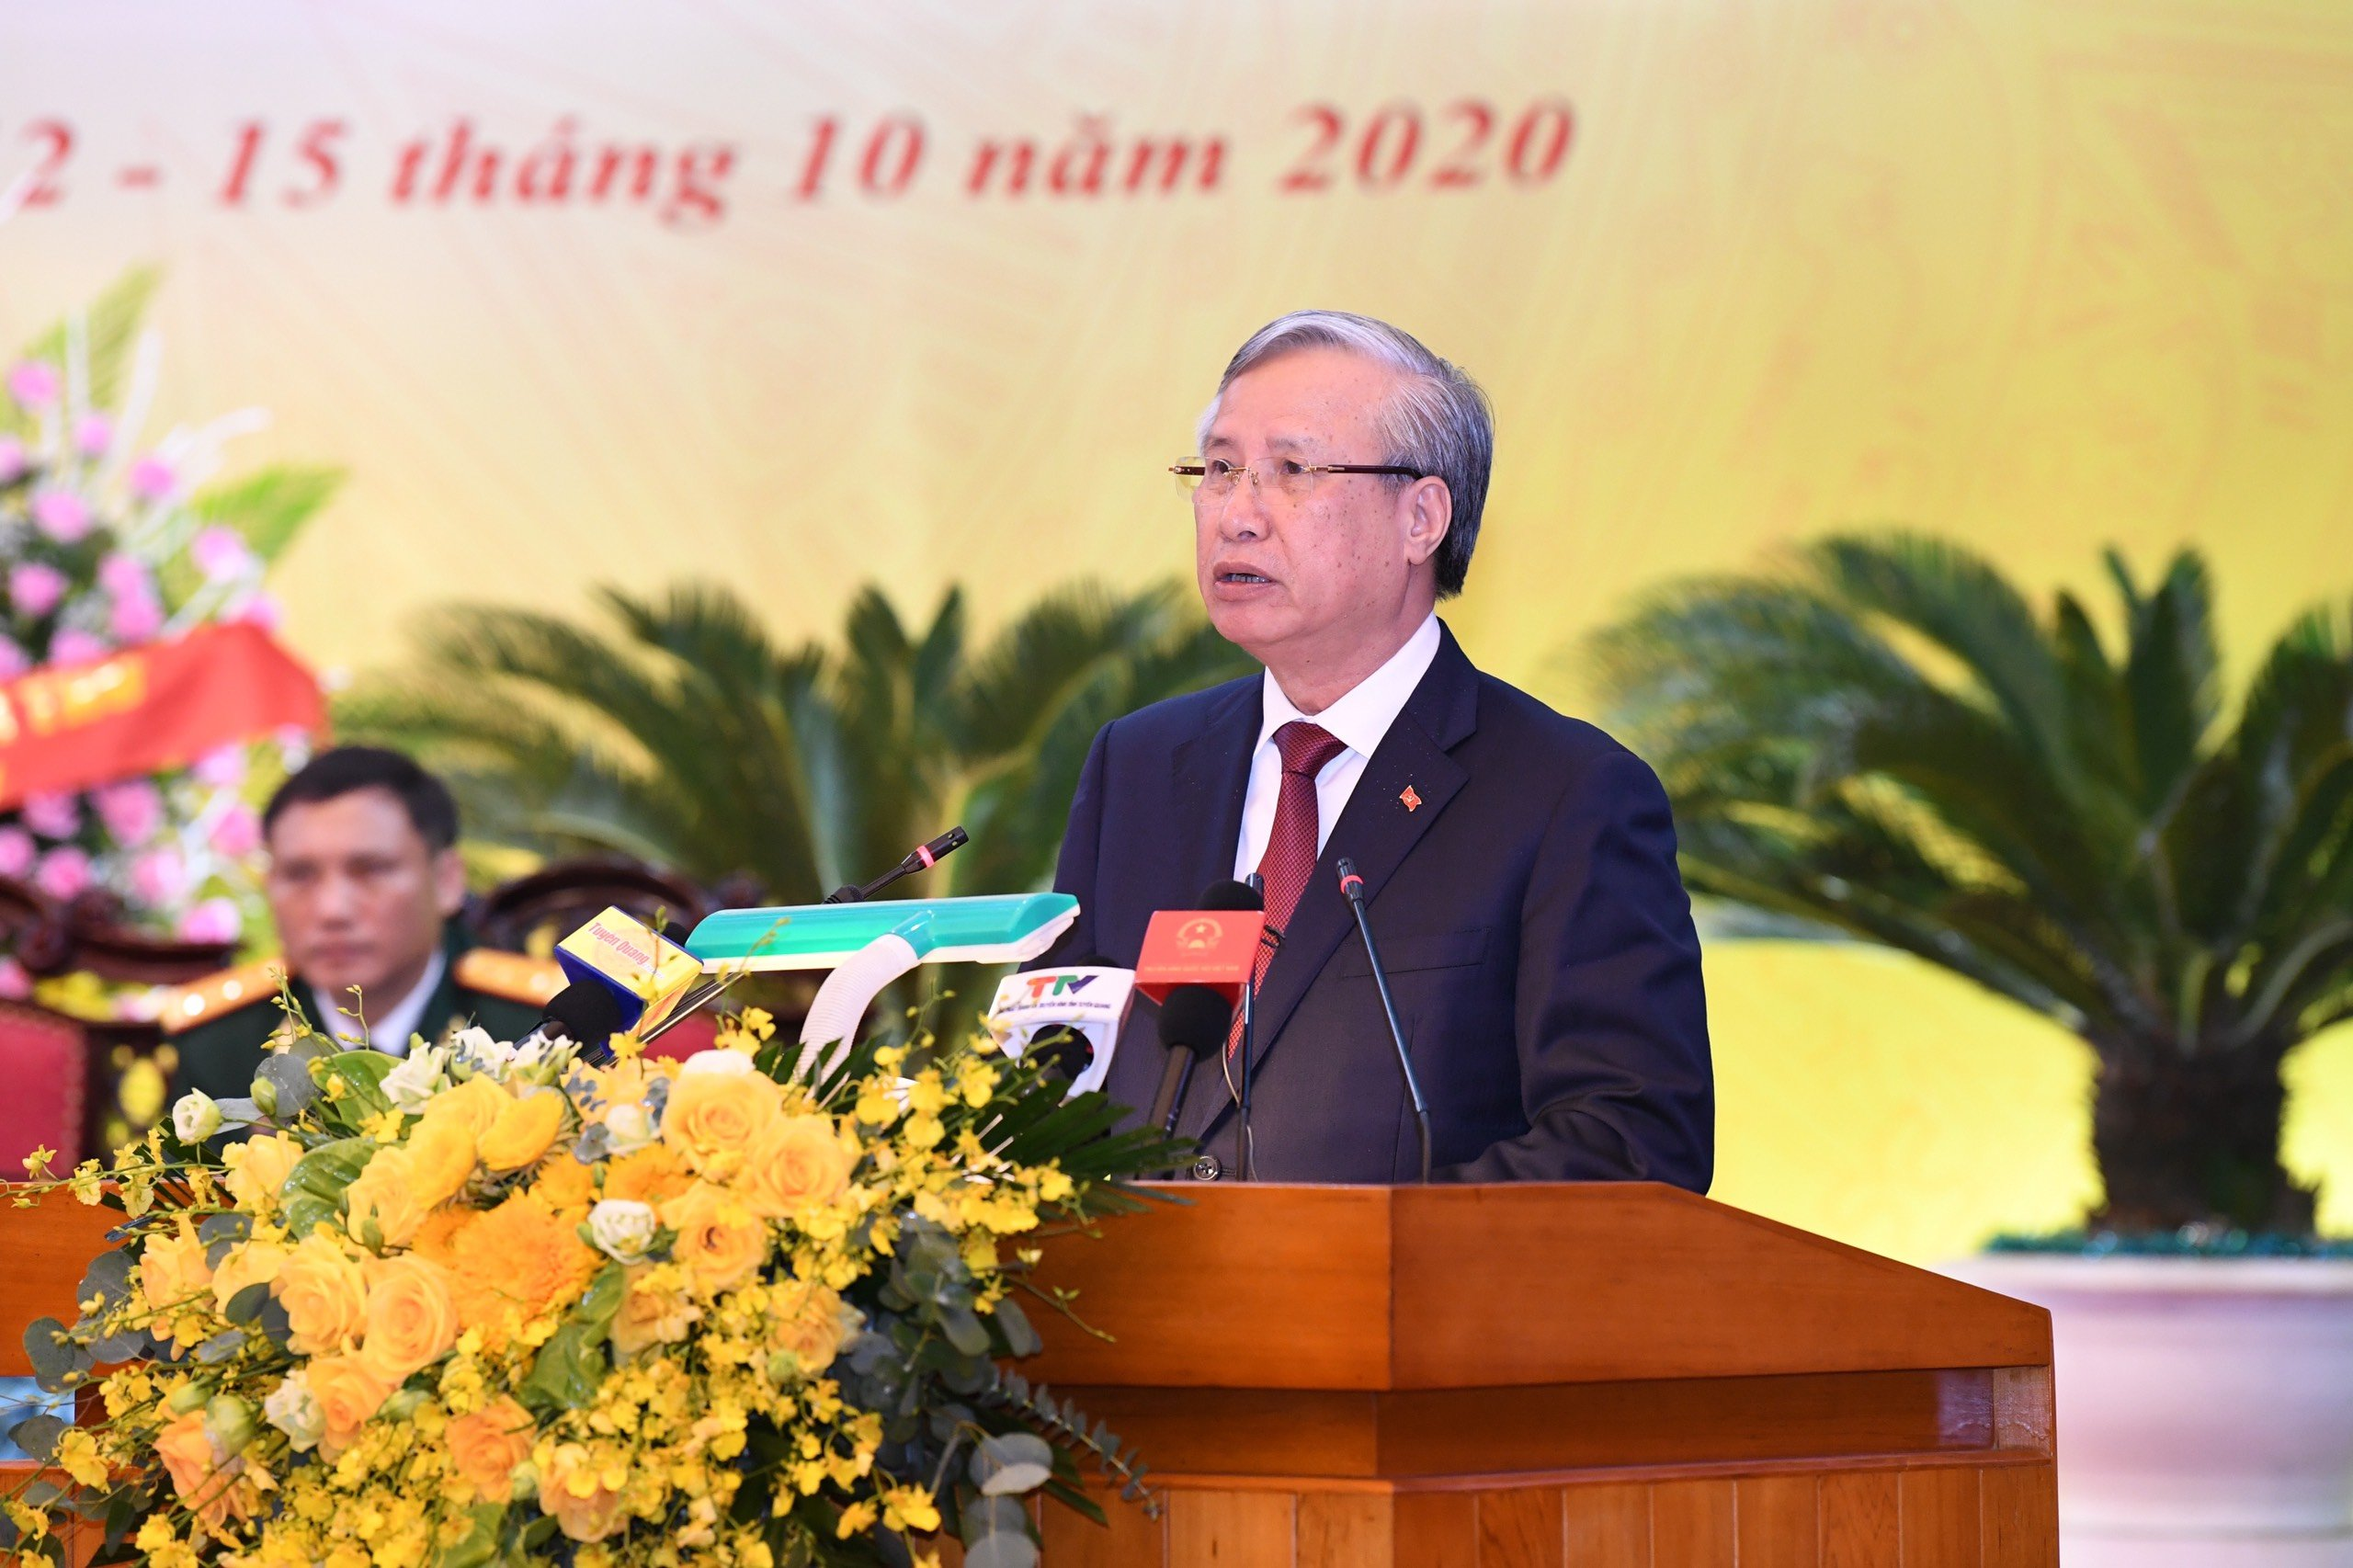 Đồng chí Trần Quốc Vượng, Ủy viên Bộ Chính trị, Thường trực Ban Bí thư phát biểu tại Đại hội